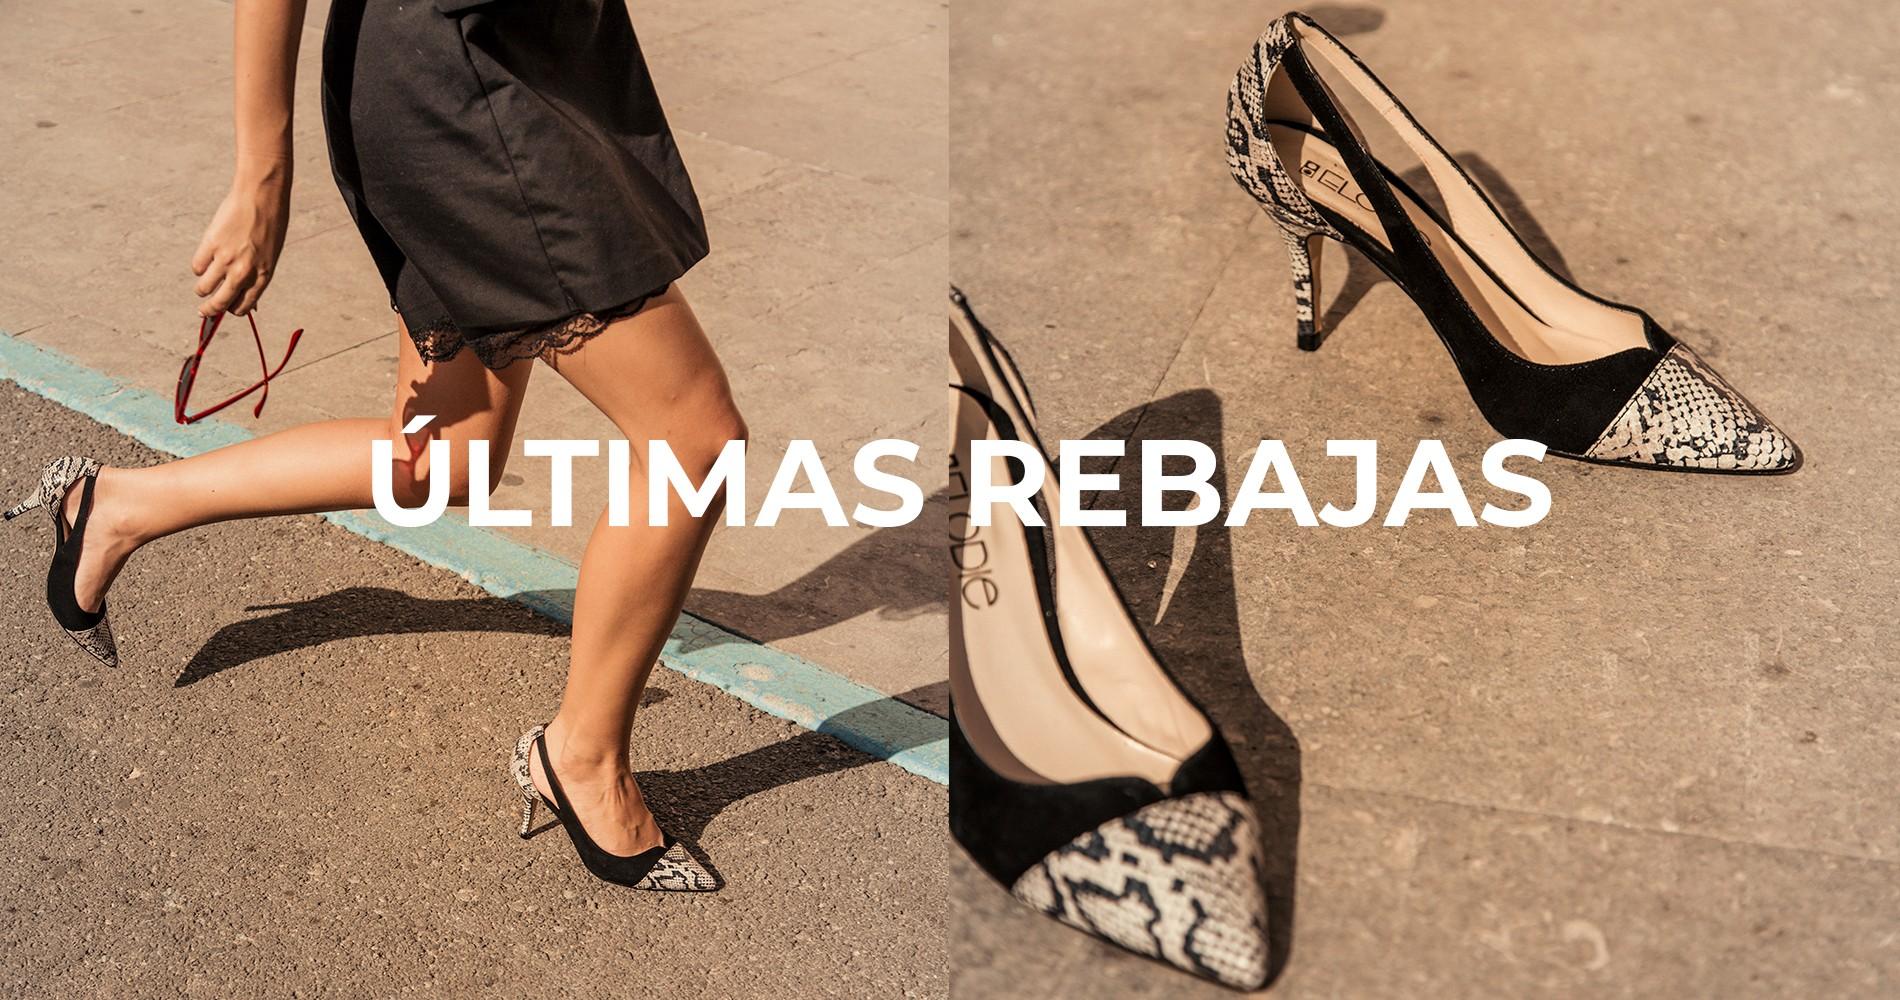 Rebajas Summer 2019